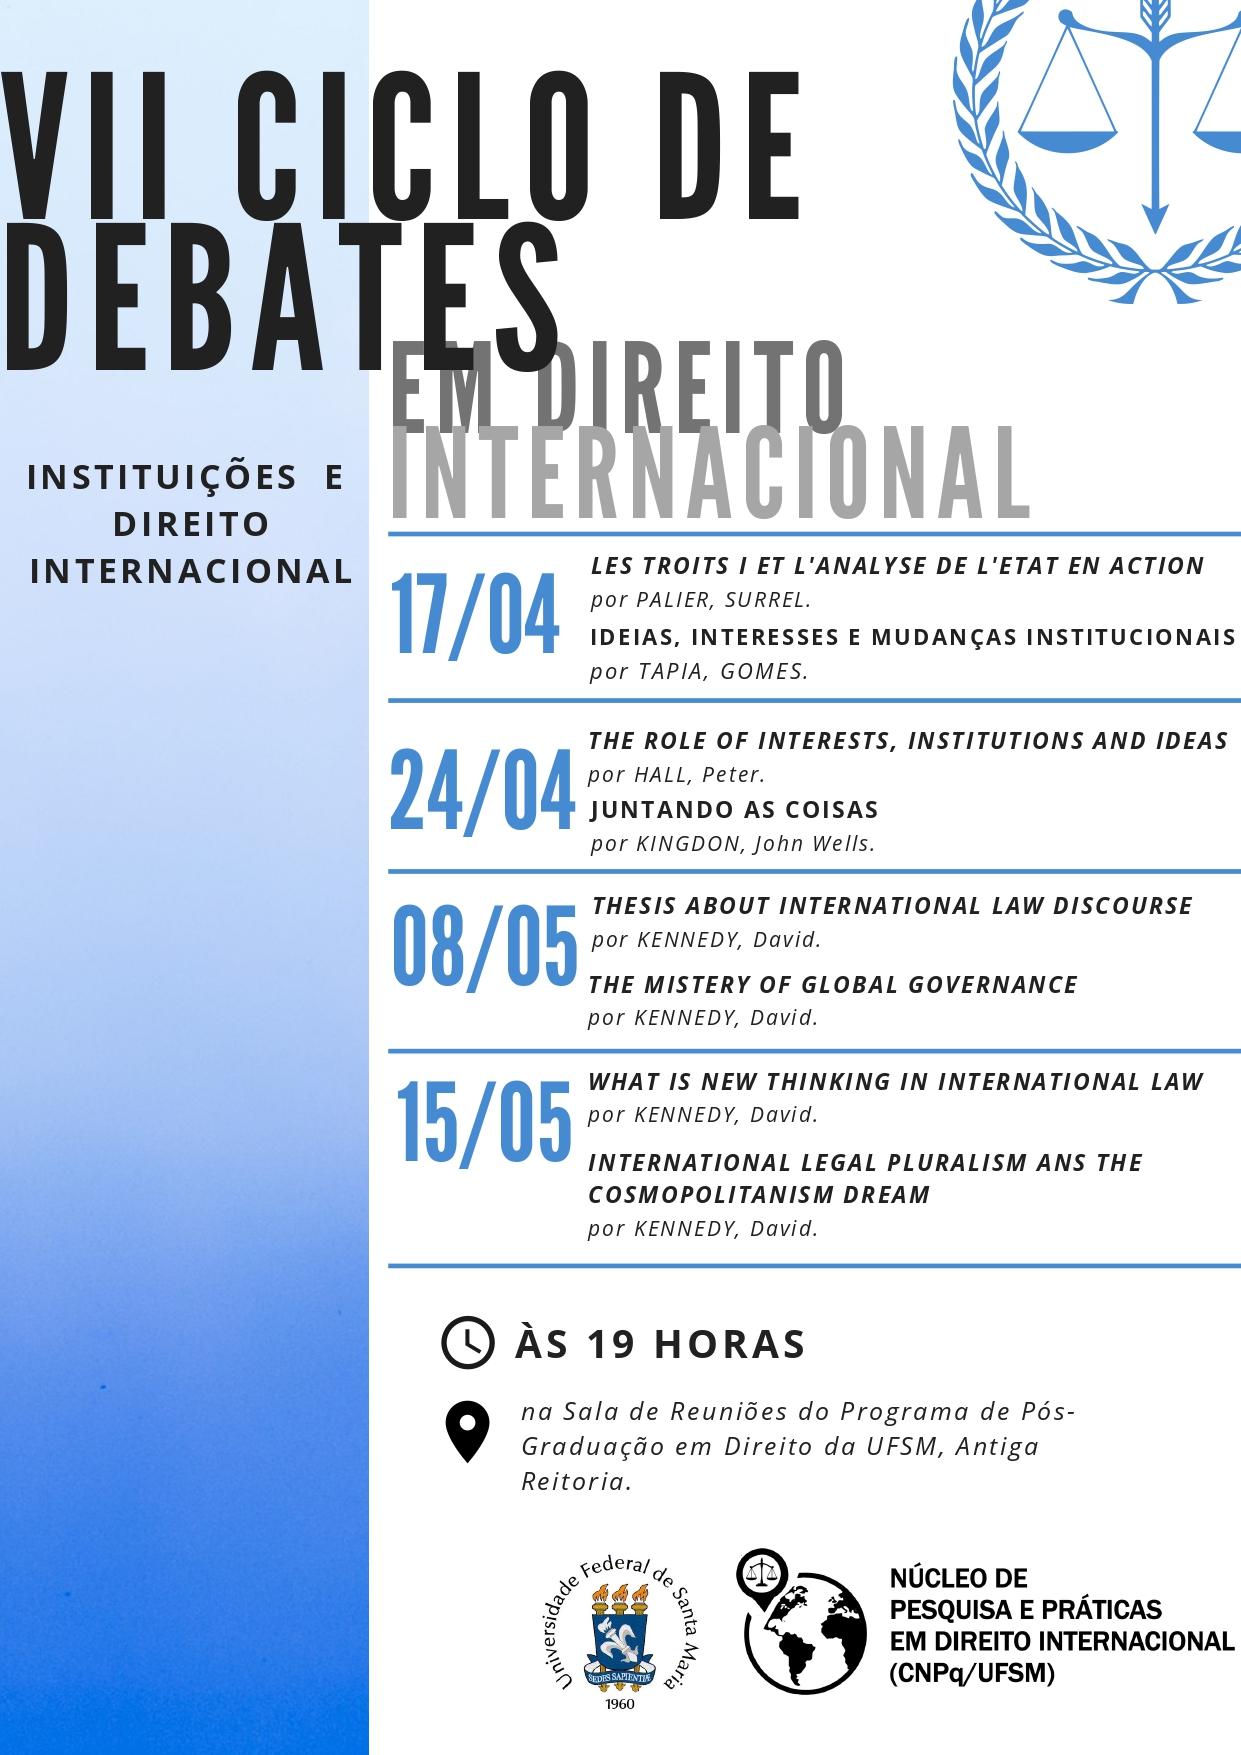 ciclo de debates em direito internacional page 0001